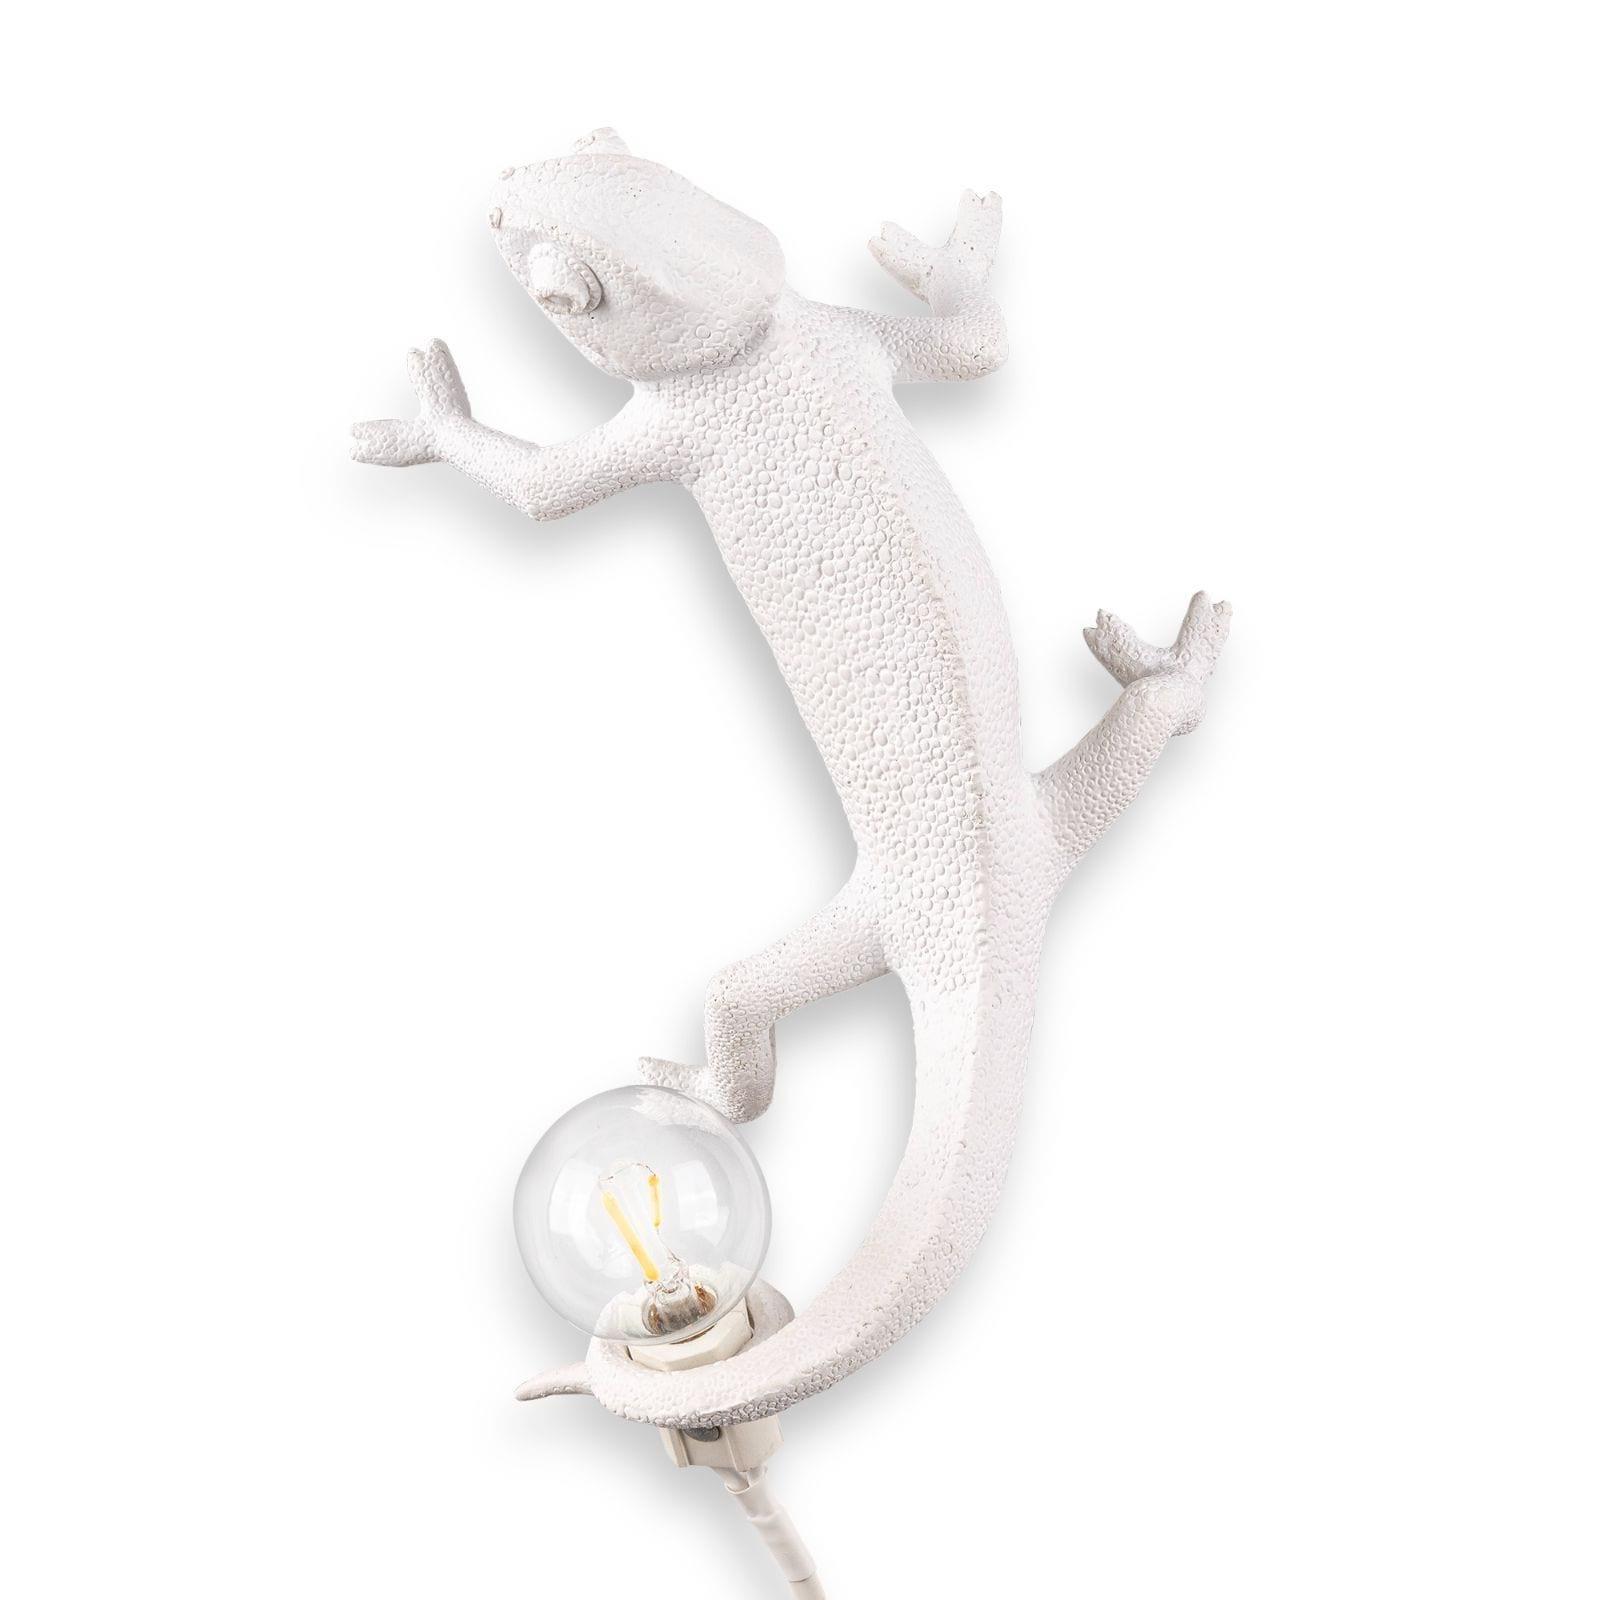 Chameleon Lamp Going Up (White) - Seletti